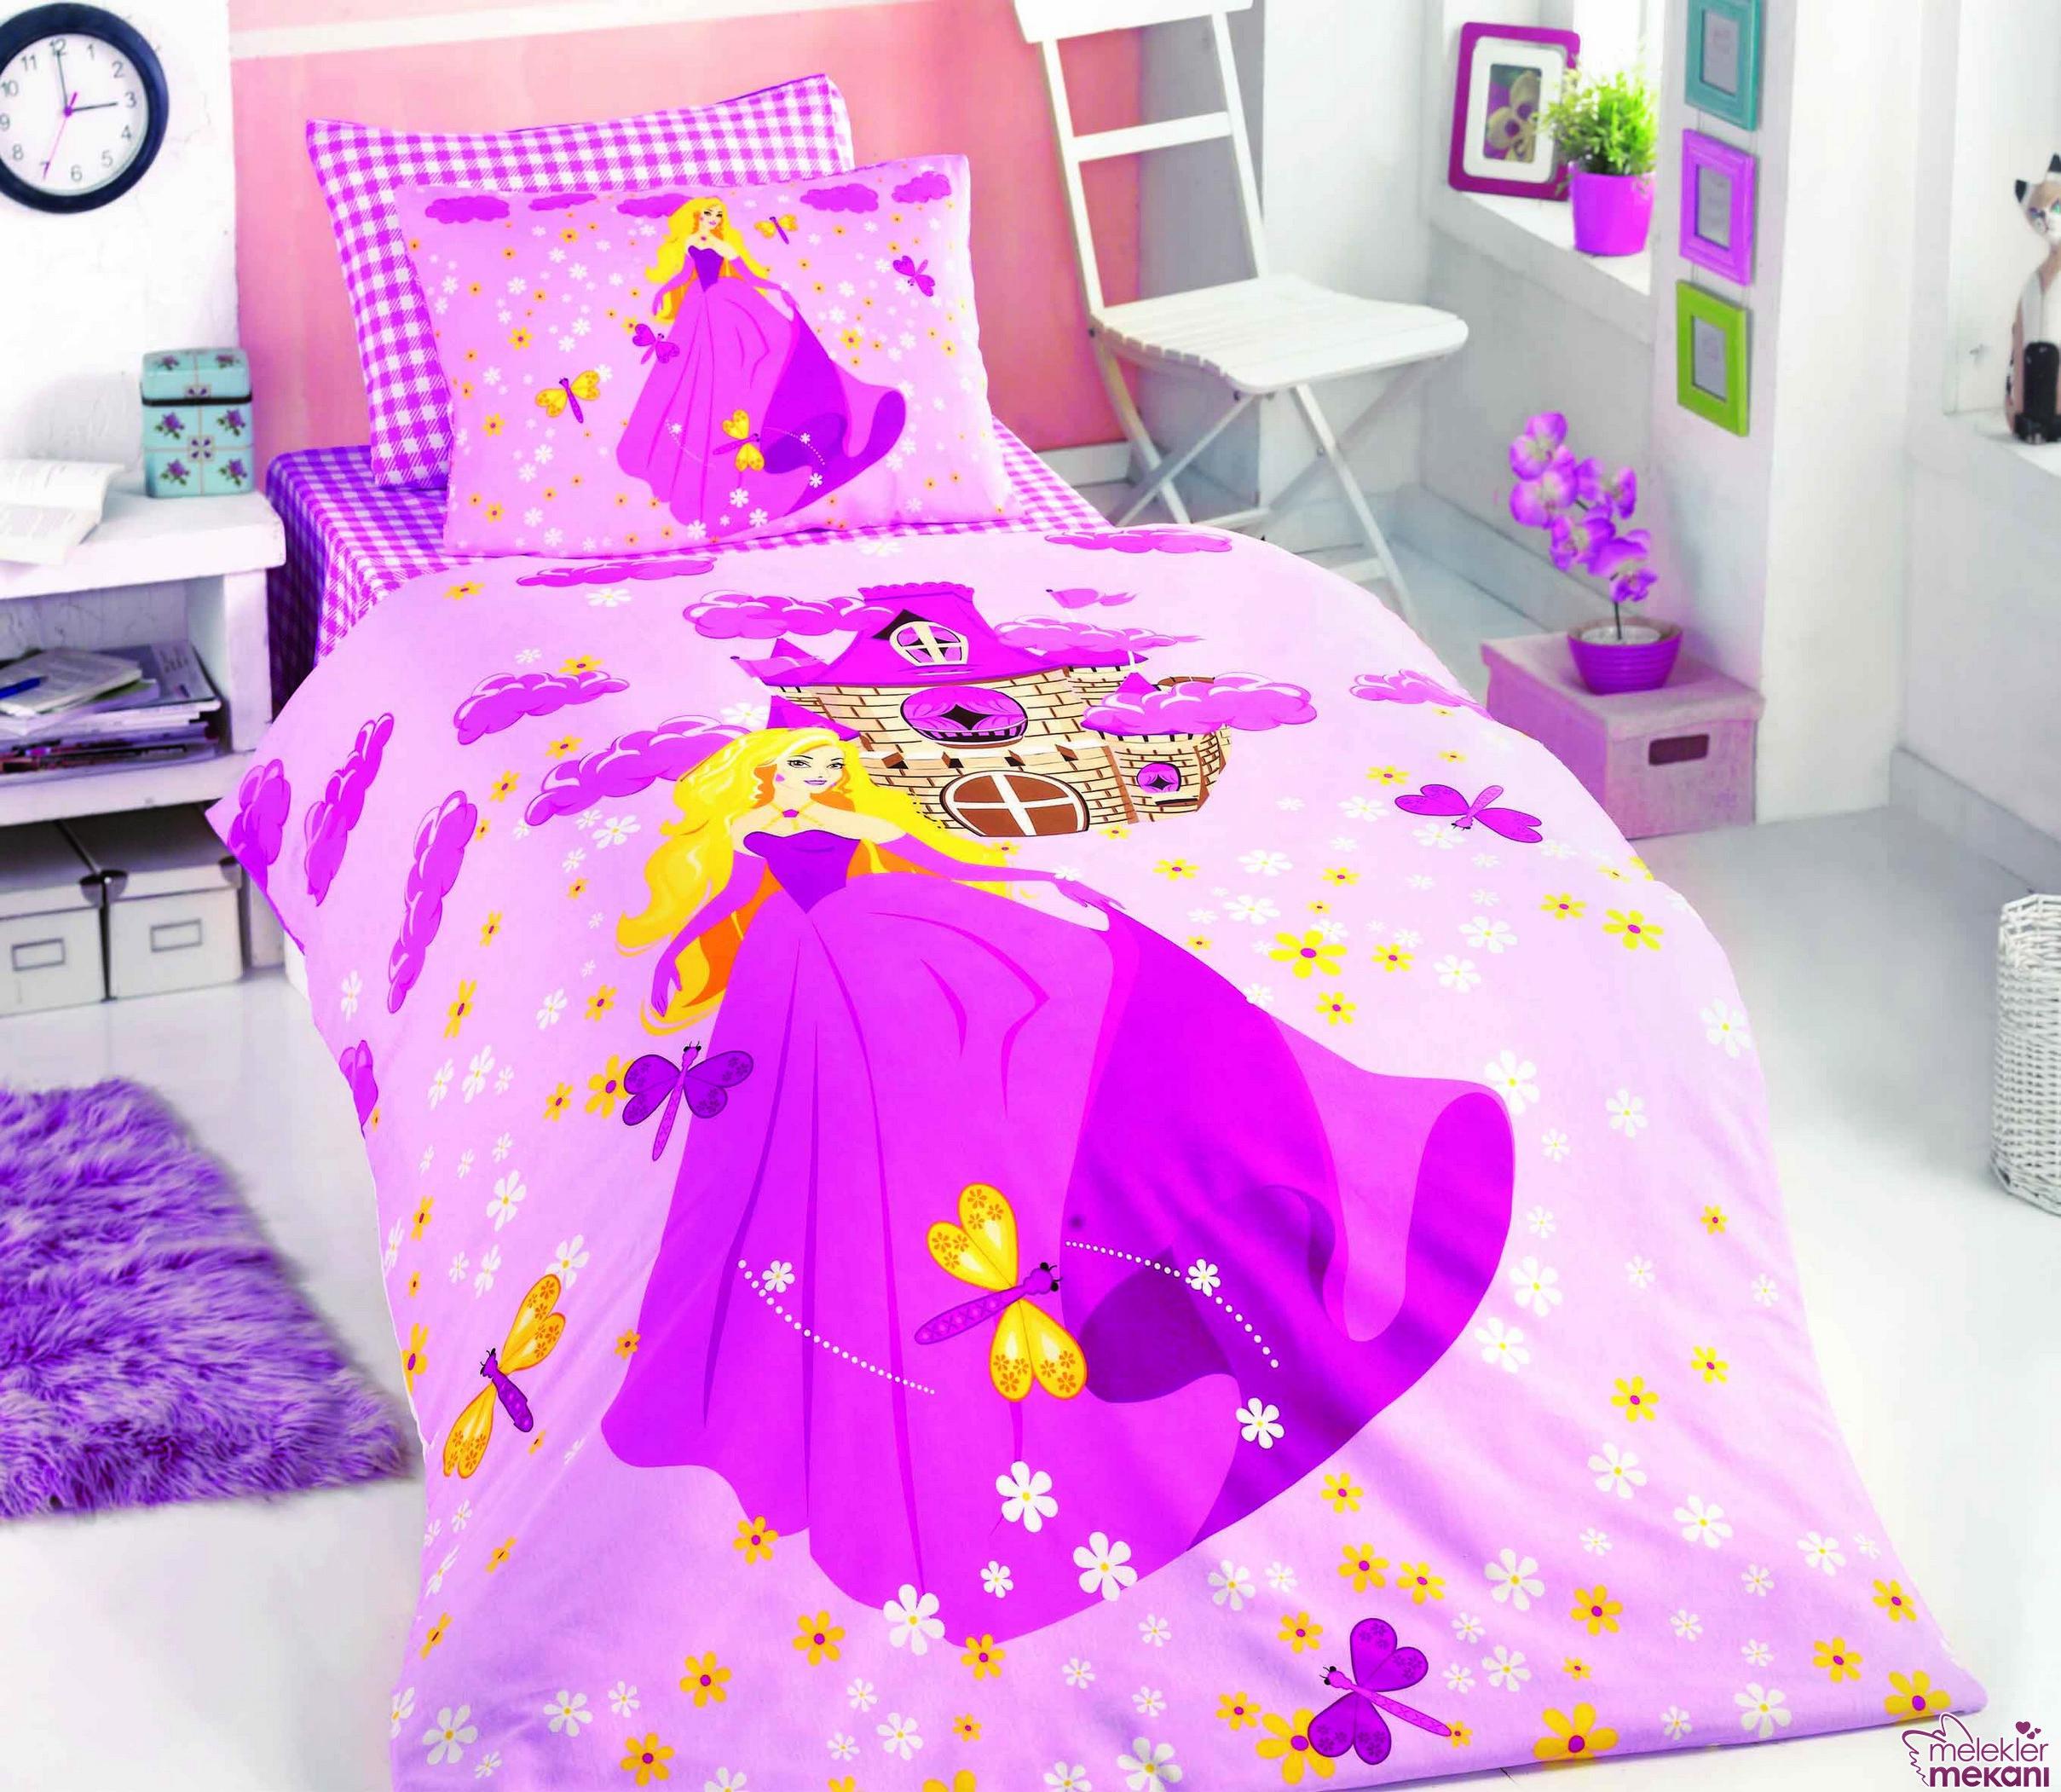 Lisanslı çocuk odası yatak örtüleri ile çocuğunuzu mutlu edebilirsiniz.